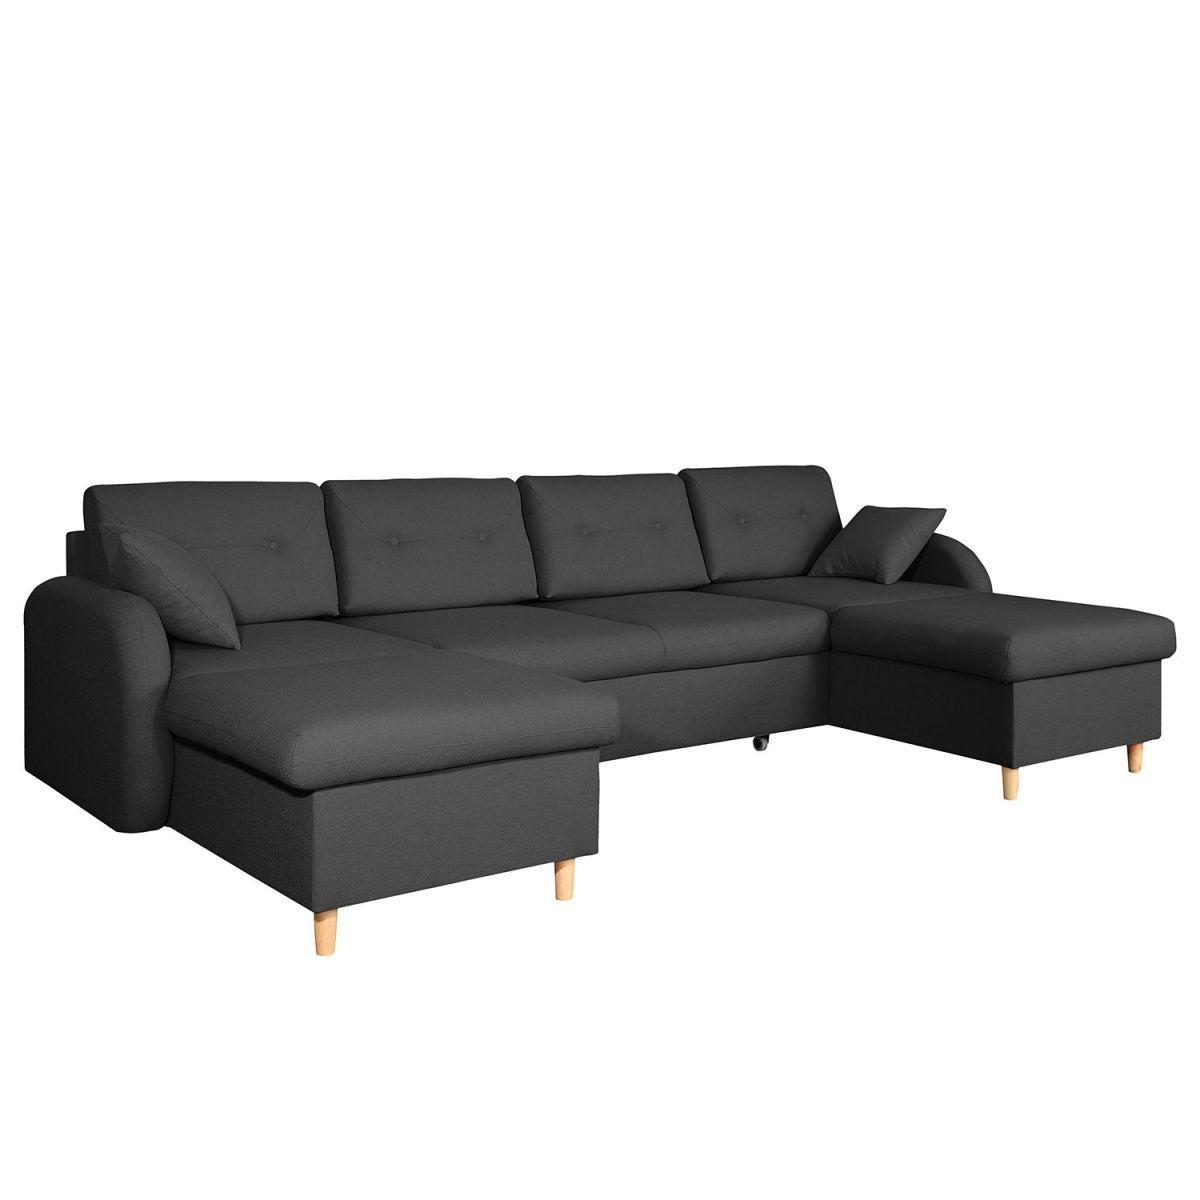 Cool Couch Dunkelgrau Foto Von Mit Schlaffunktion - Dunkelgrau, Morteens Jetzt Bestellen